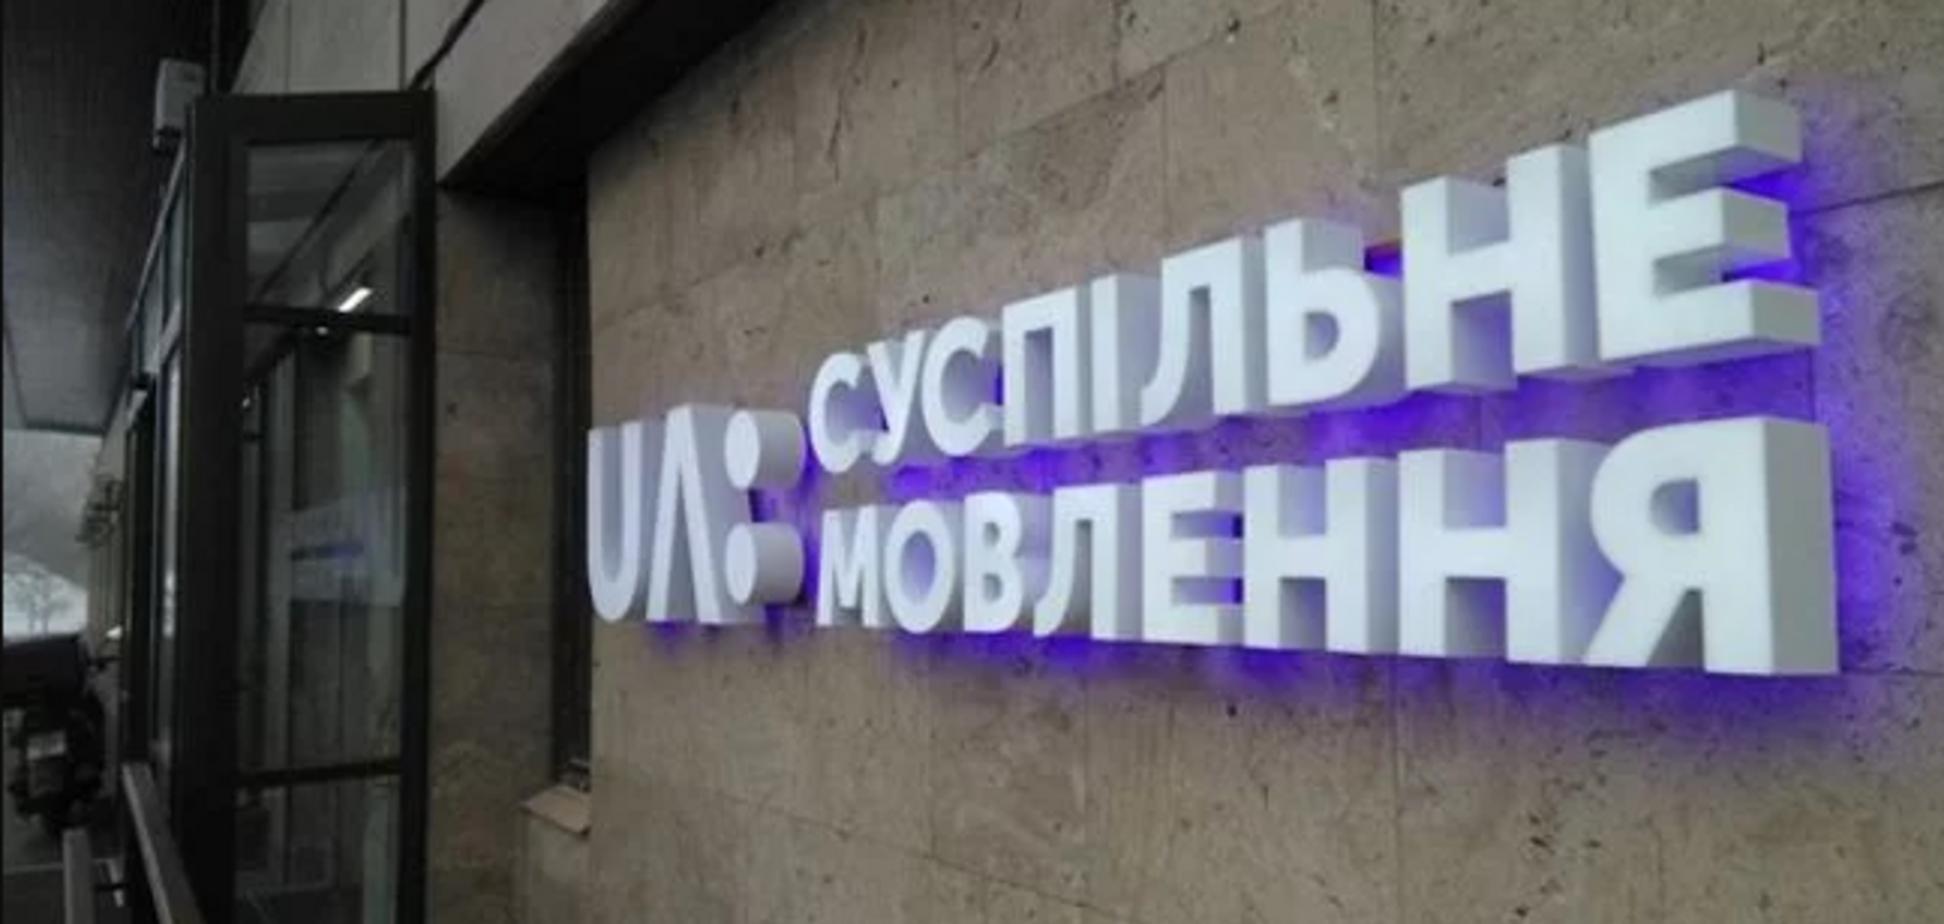 Рахунки 'Суспільного' арештовані, Євробачення для України опинилося під загрозою